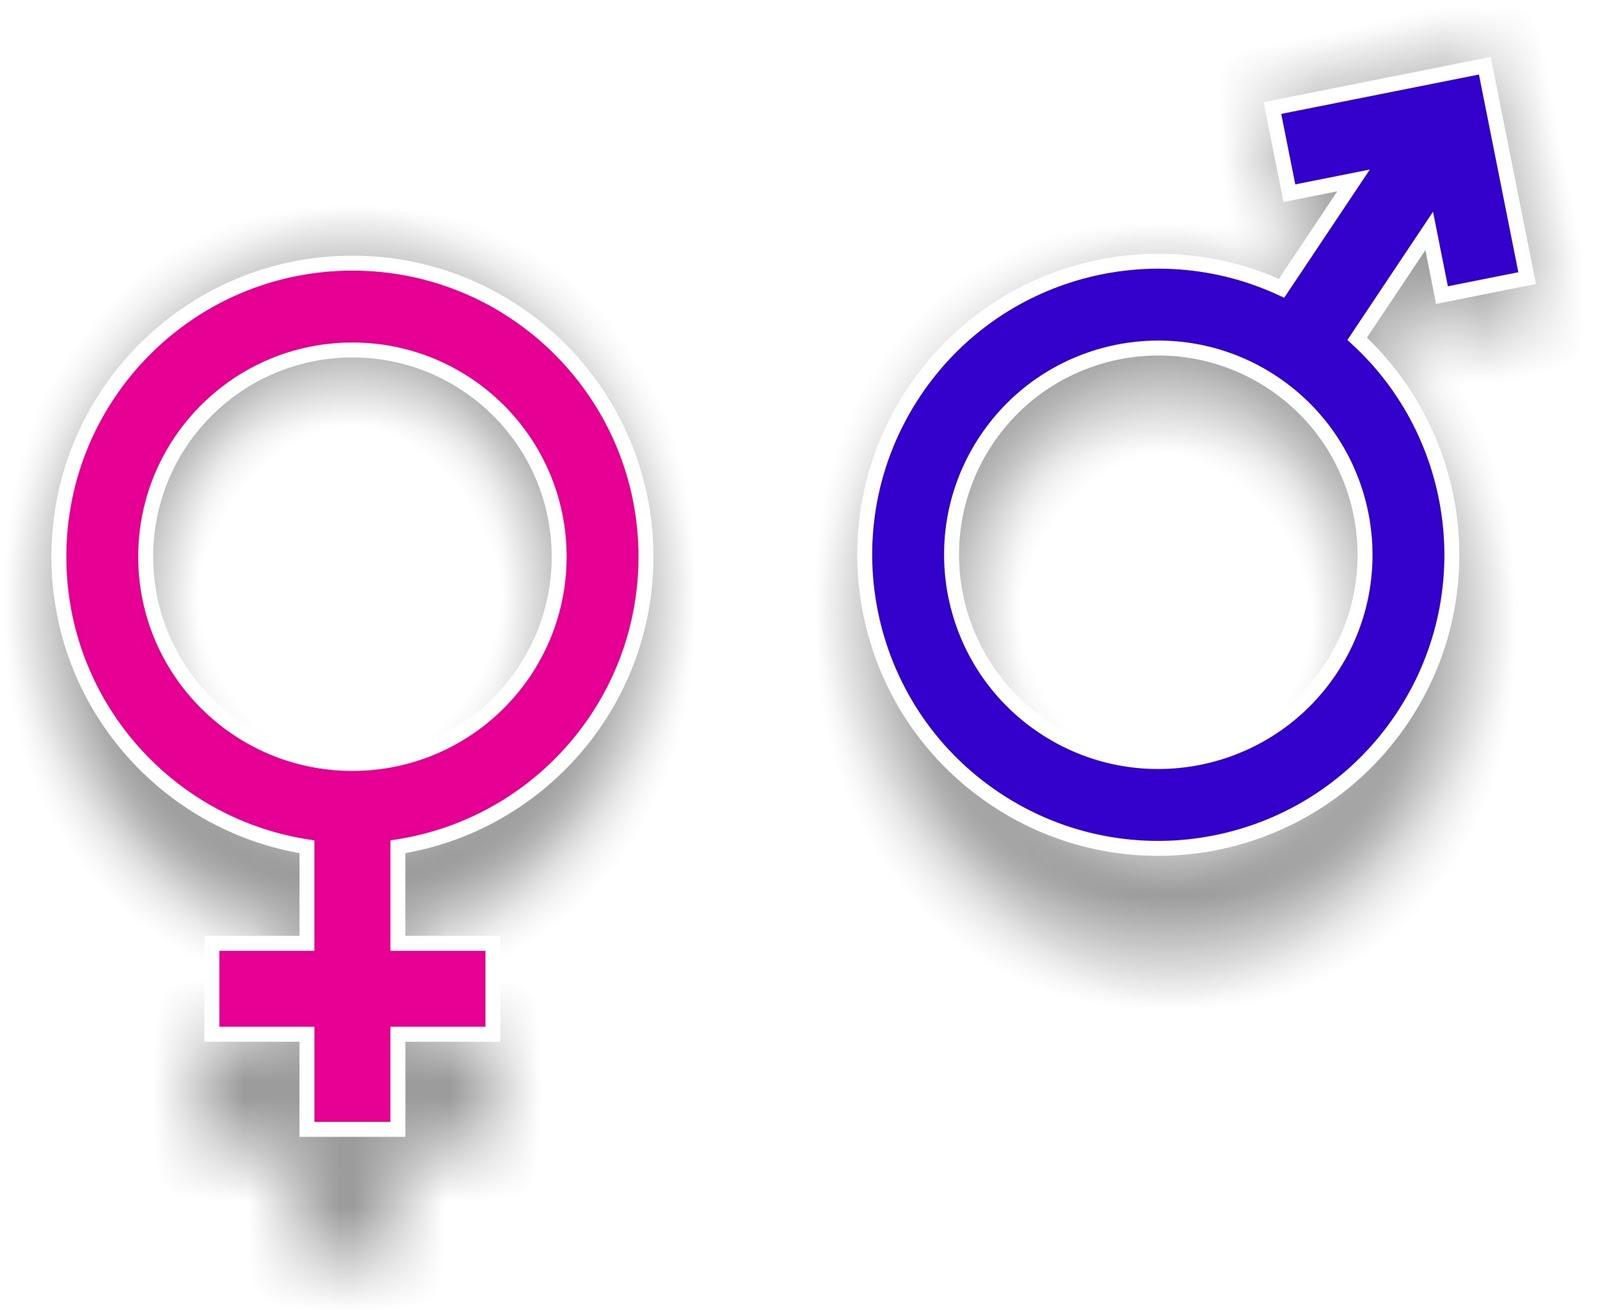 BIOFLAGRANTES SÍMBOLO FEMININO E MASCULINO -> Simbolo Banheiro Feminino E Masculino